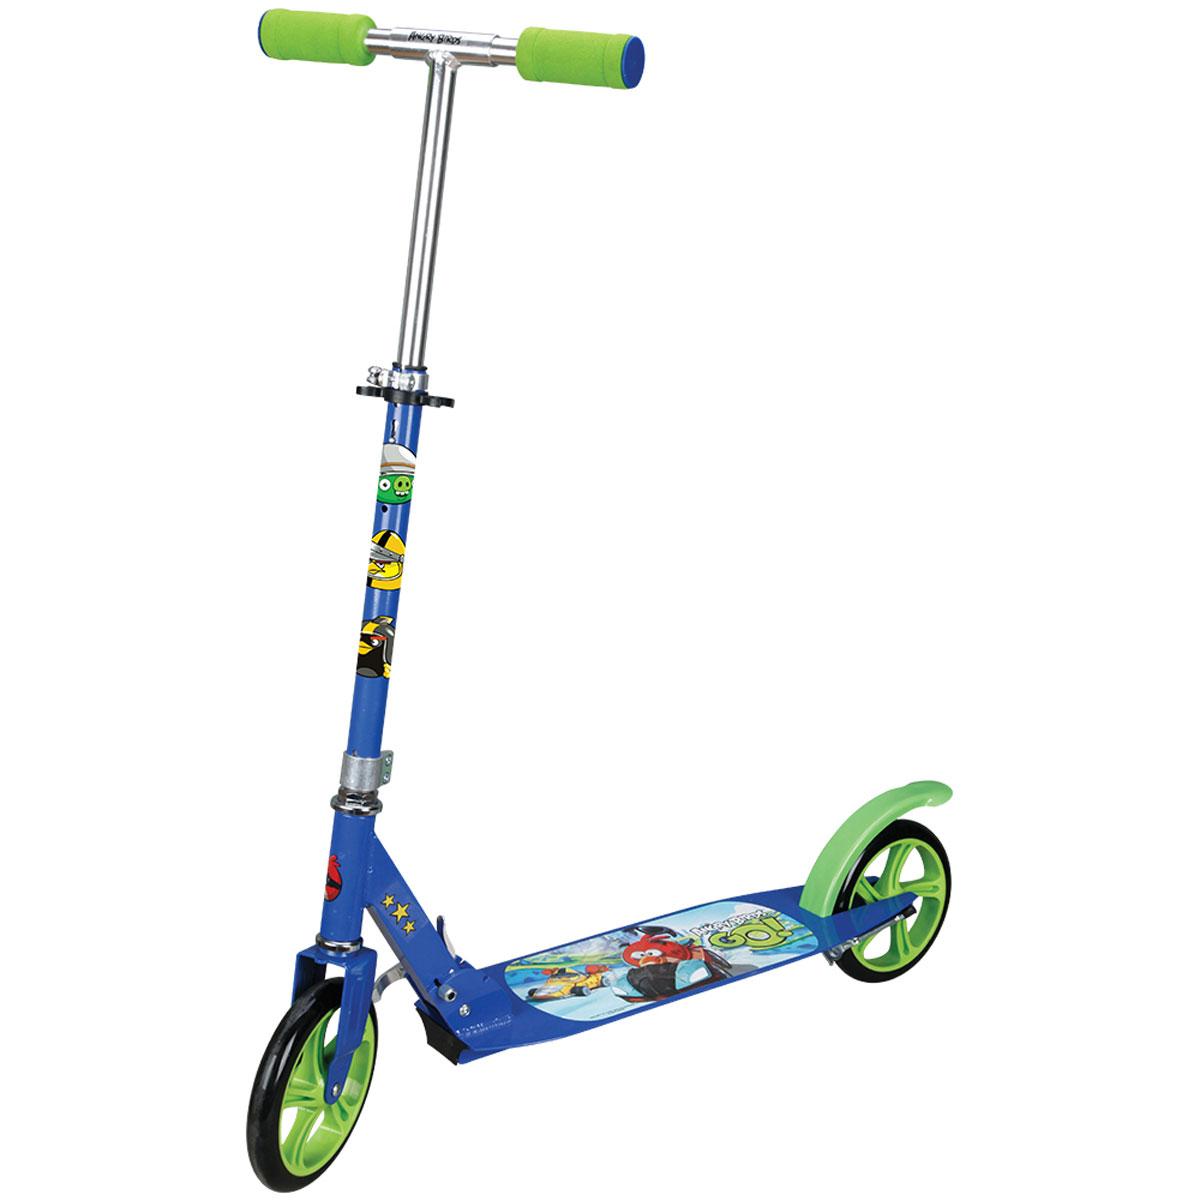 Navigator Самокат детский двухколесный Angry Birds Go цвет синий зеленыйТ57646Самокат Navigator - это специализированная модель для детей. Колеса диаметром 200 мм отвечают за маневренность и подвижность самоката. Имеется тормоз.